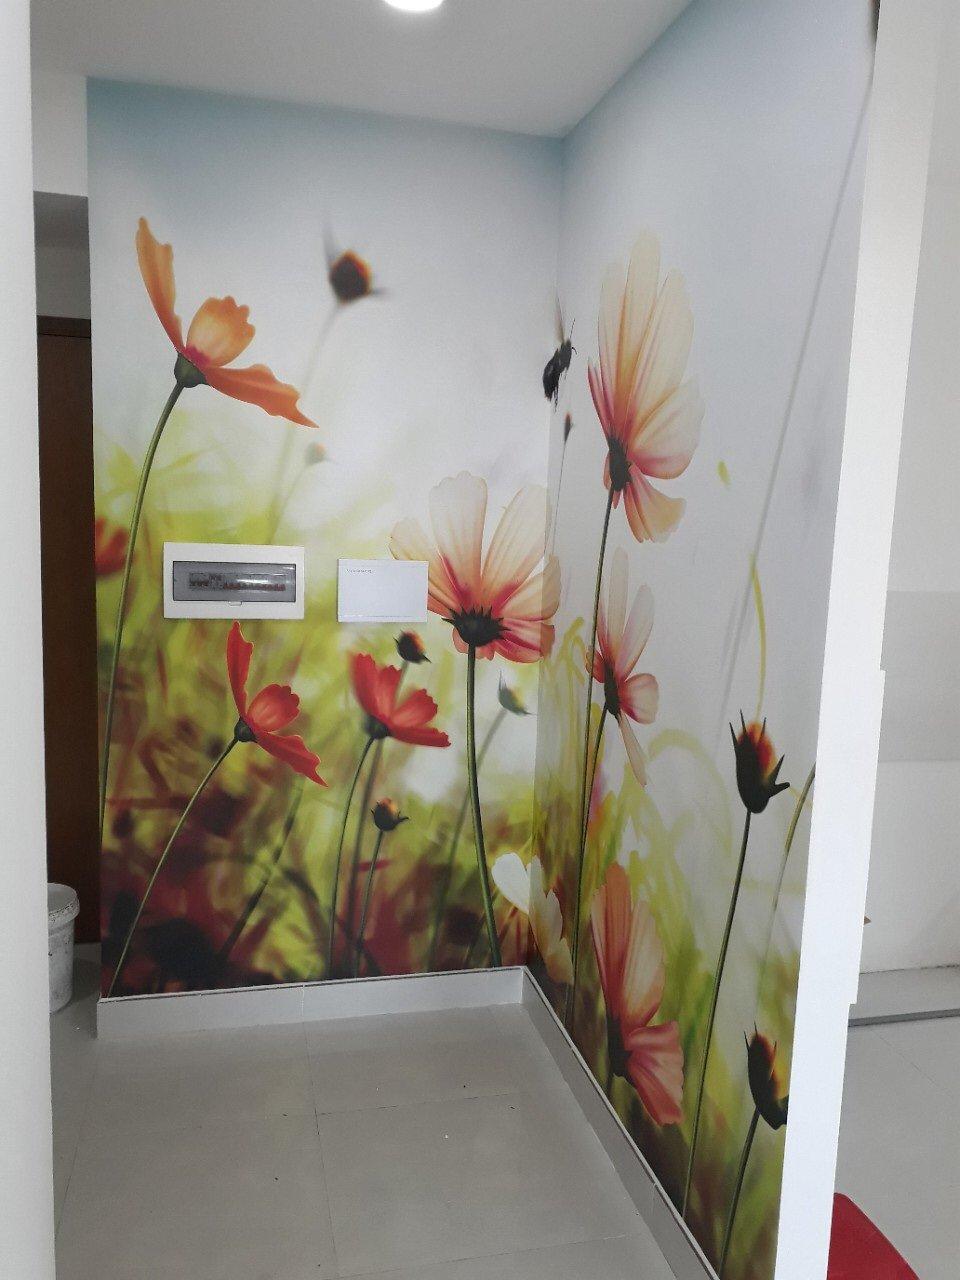 TRANH ONGVABONG tranh dán tường 3d hoa xuân cùng ong vàng